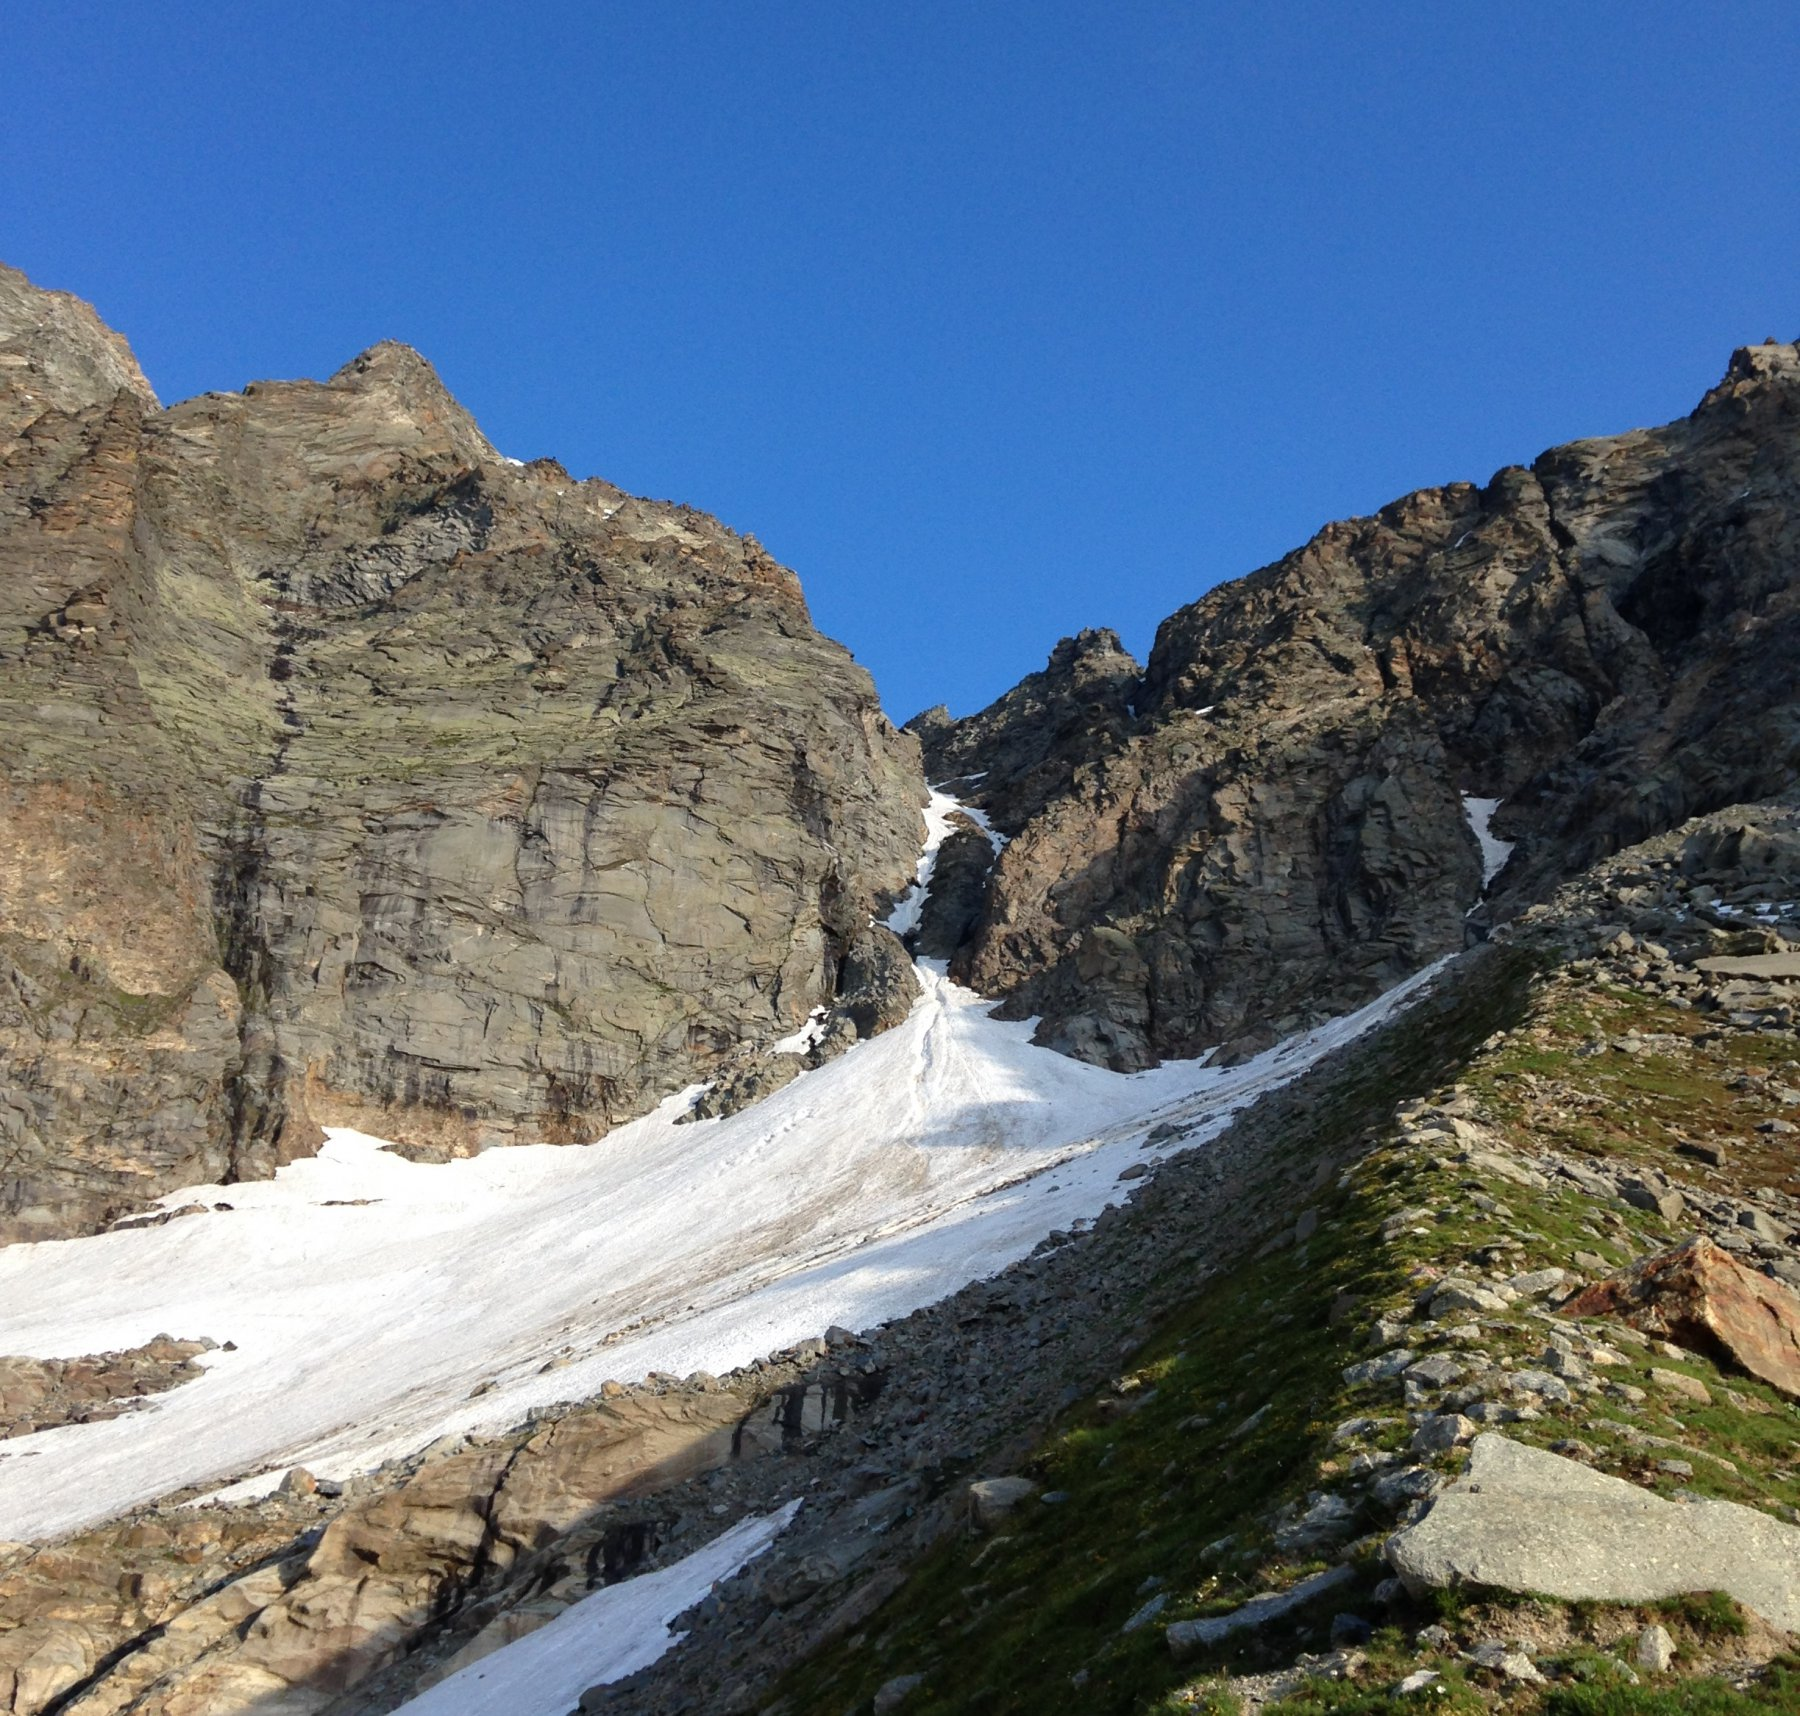 Mulinet (Dome Blanc du) per la breccia Sud del Colle Martellot e la cresta NE 2017-06-21